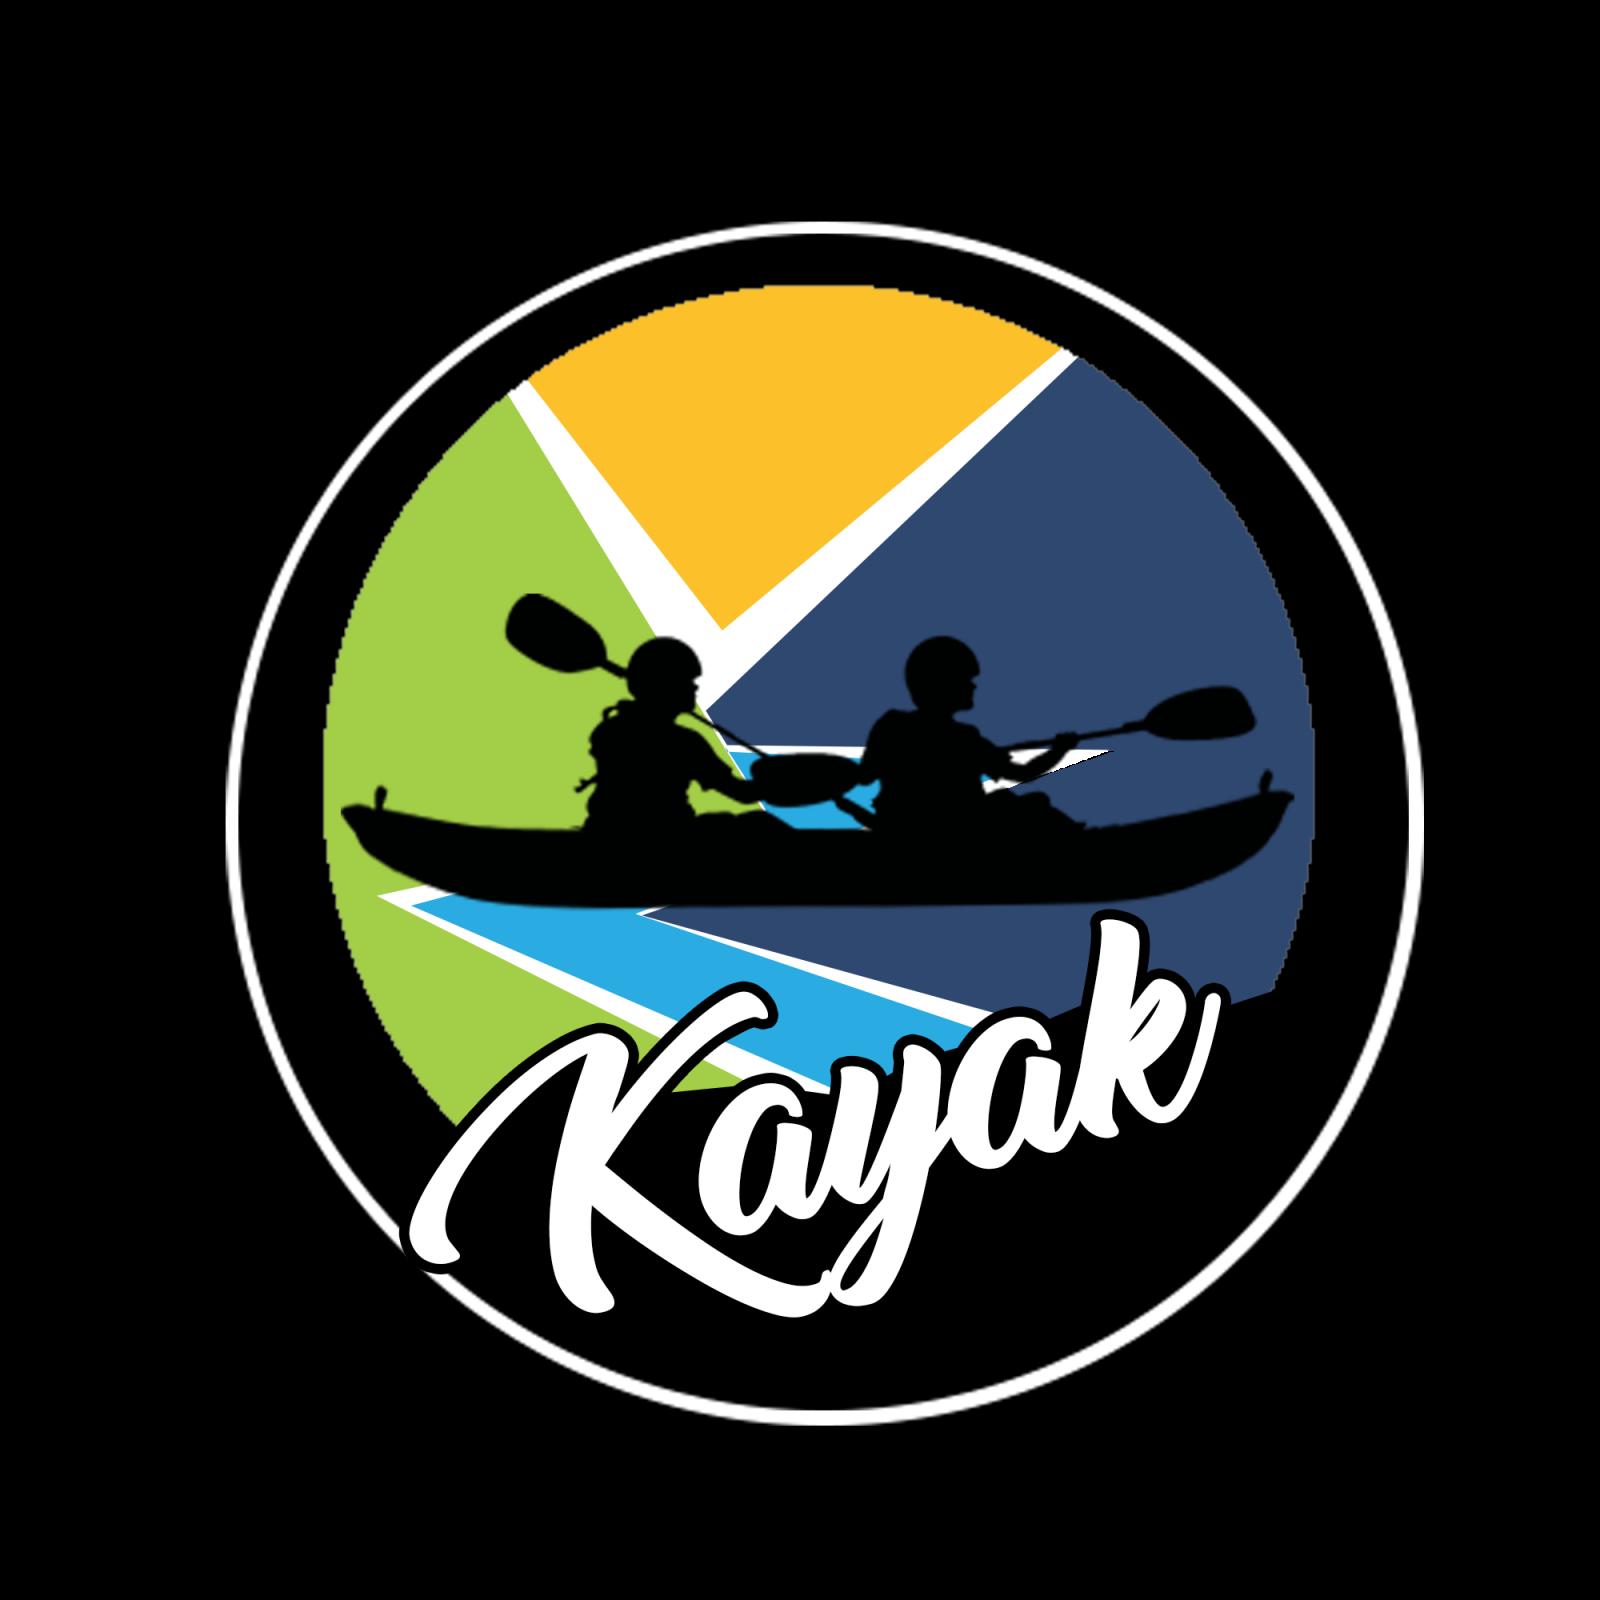 svg royalty free stock Kayaking clipart stick figure. Kayak rafting free on.